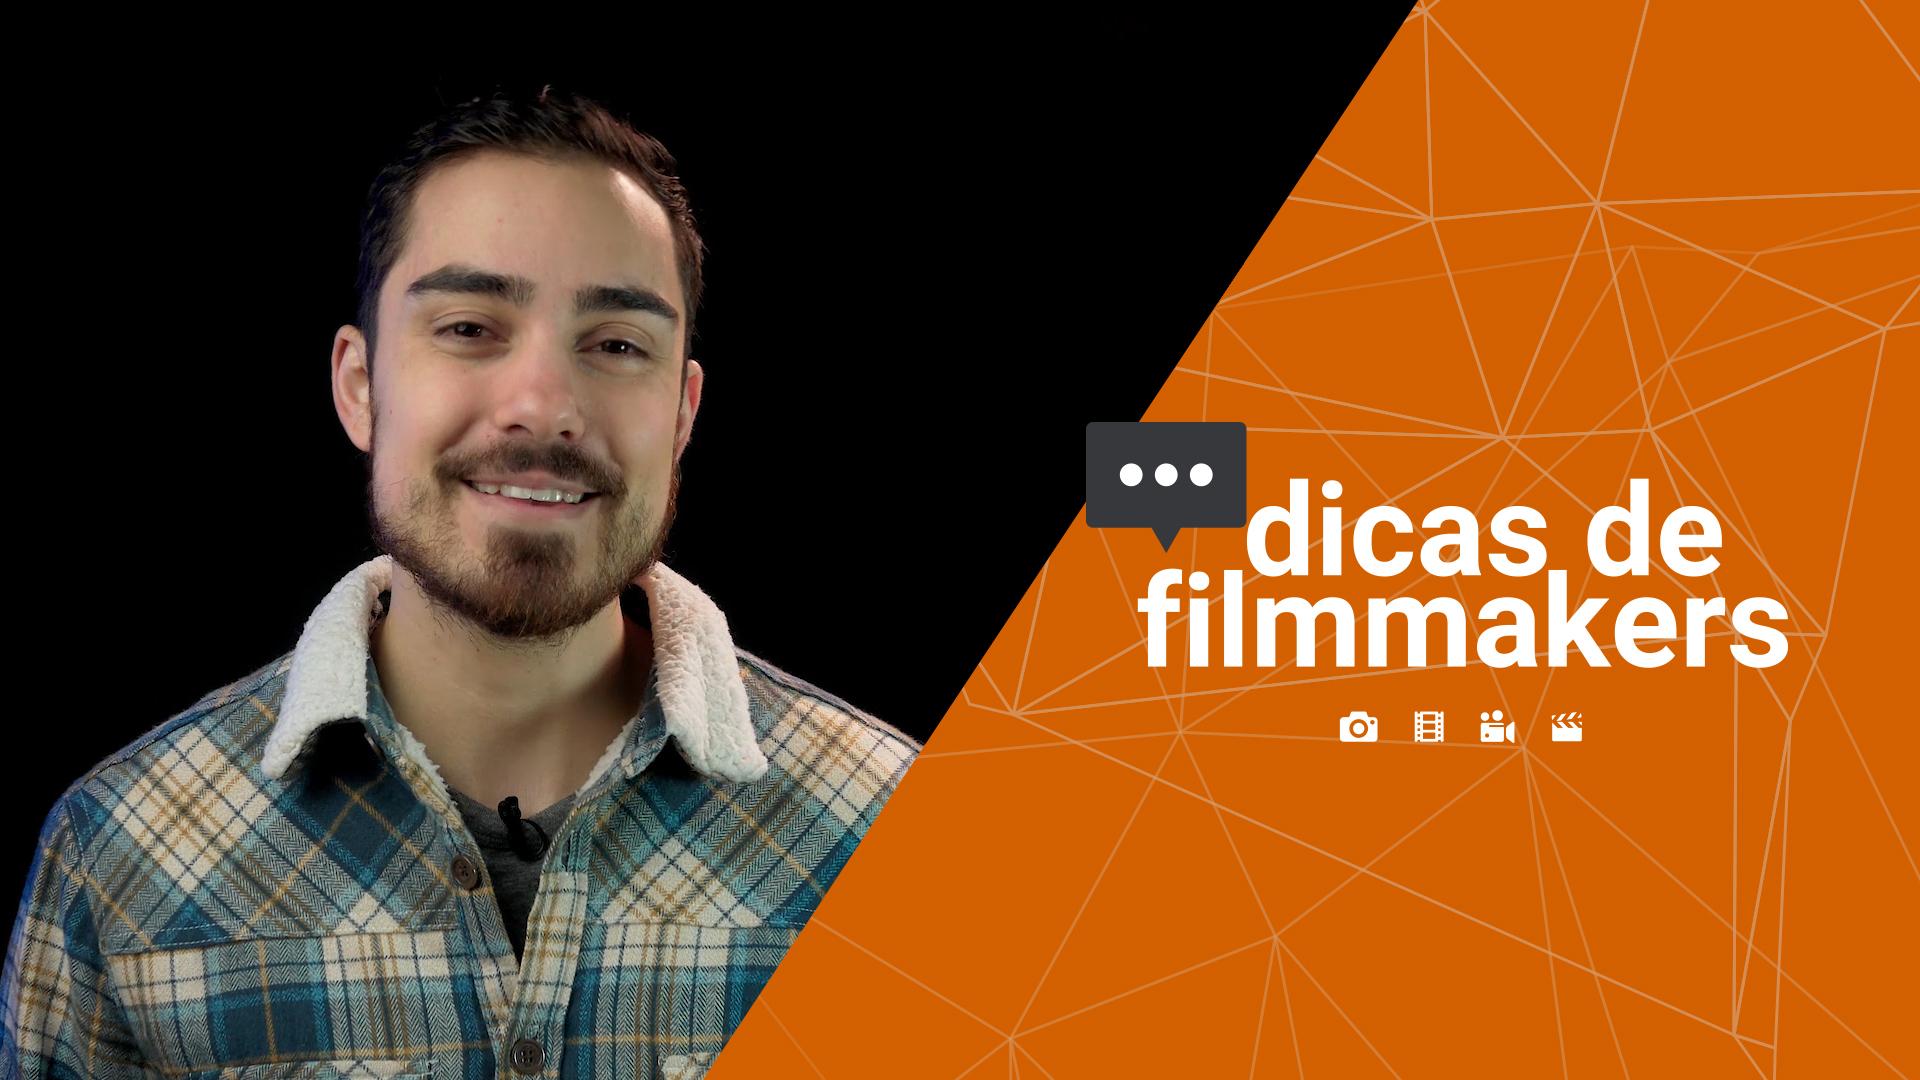 Dica de Filmmaker - MOGRT Textos e Gráficos